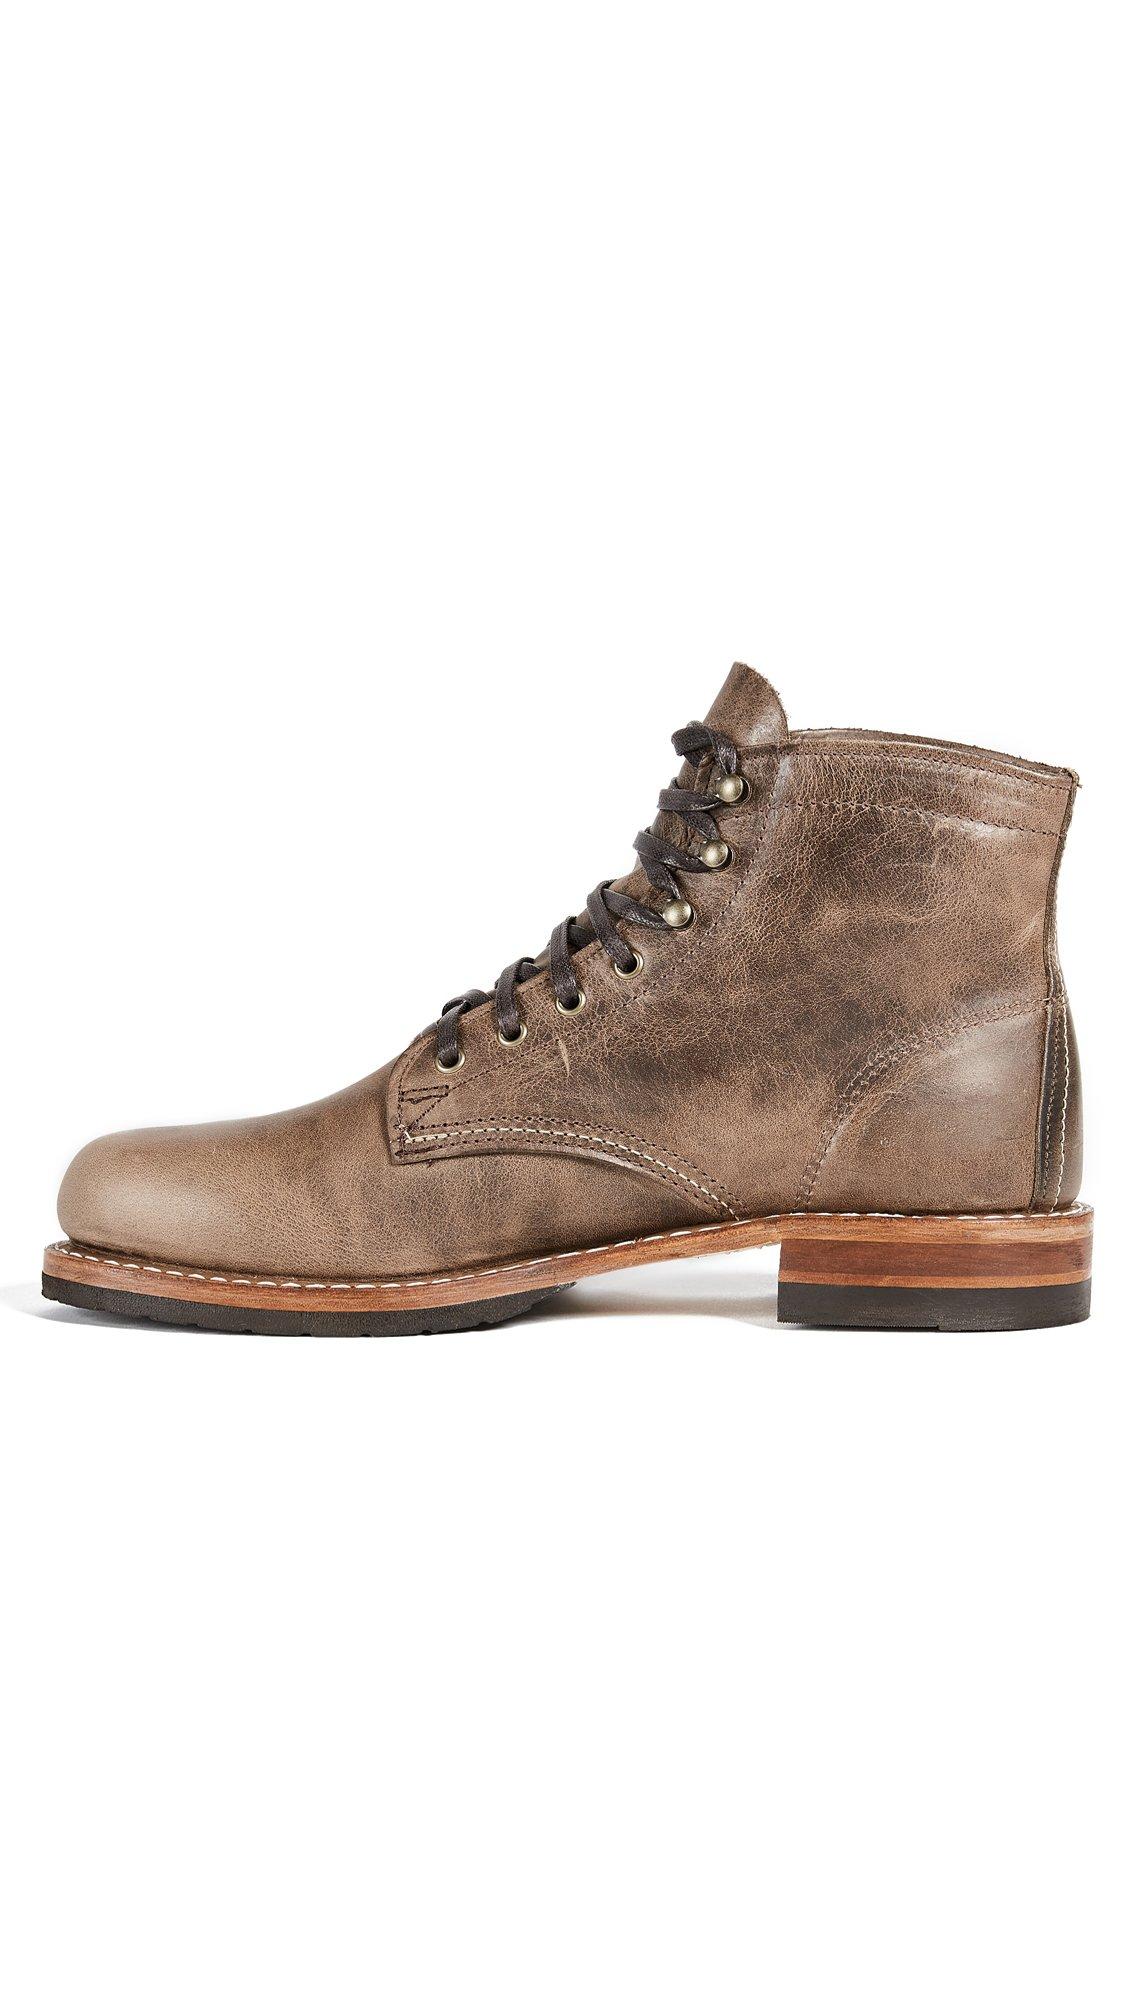 97dff04170f Wolverine Evans Boot Review - Purposeful Footwear